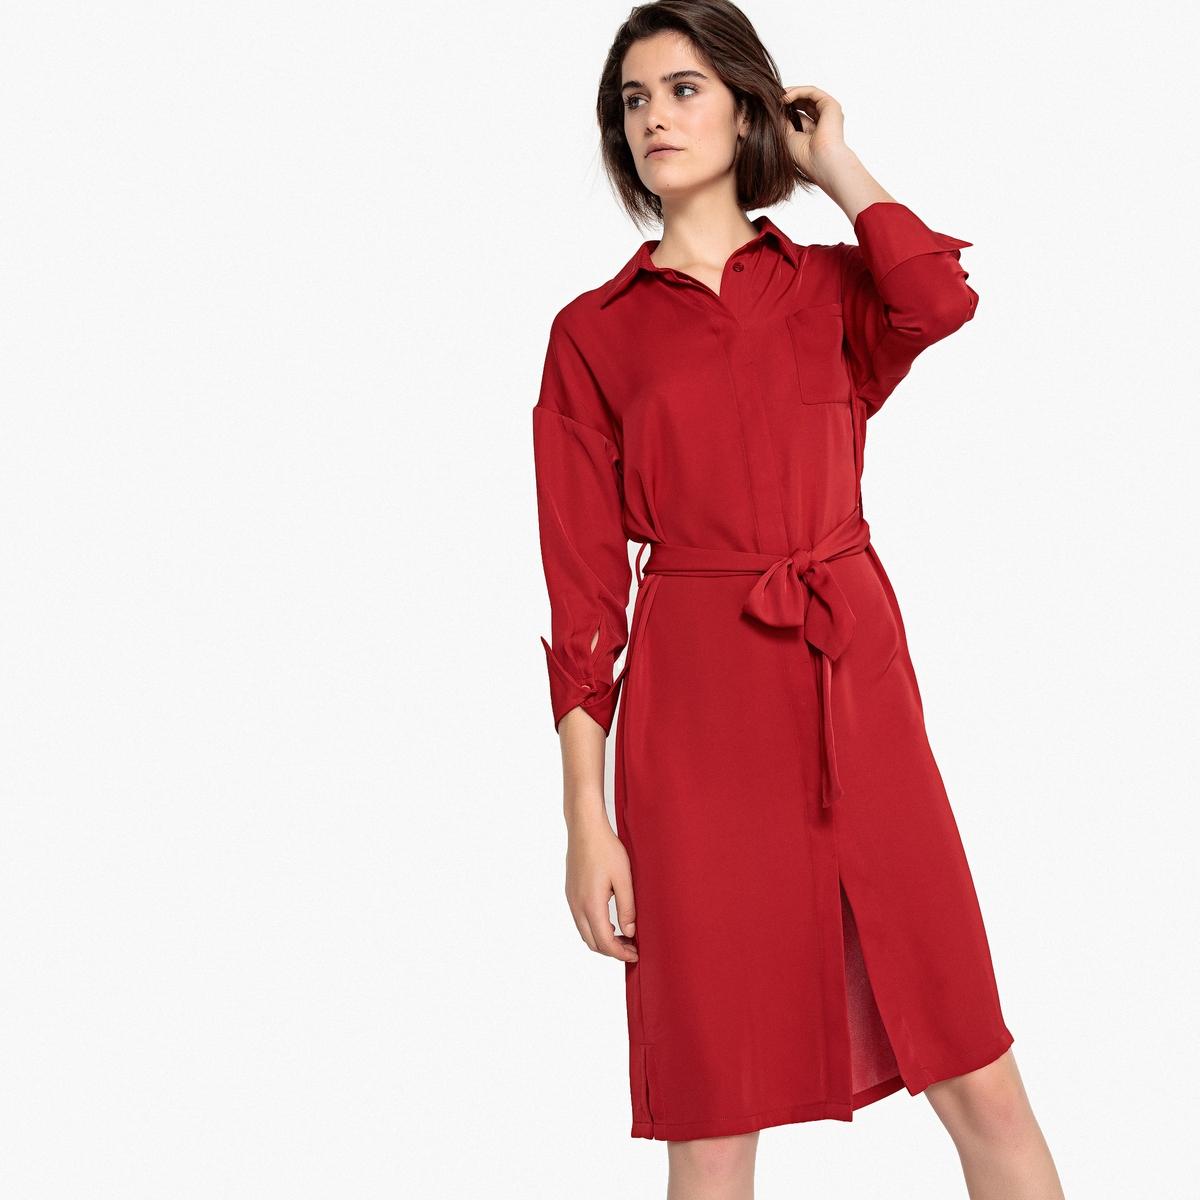 Платье-рубашка La Redoute Прямого покроя с поясом и длинными рукавами 36 (FR) - 42 (RUS) красный платье la redoute радужное estelle 36 fr 42 rus черный